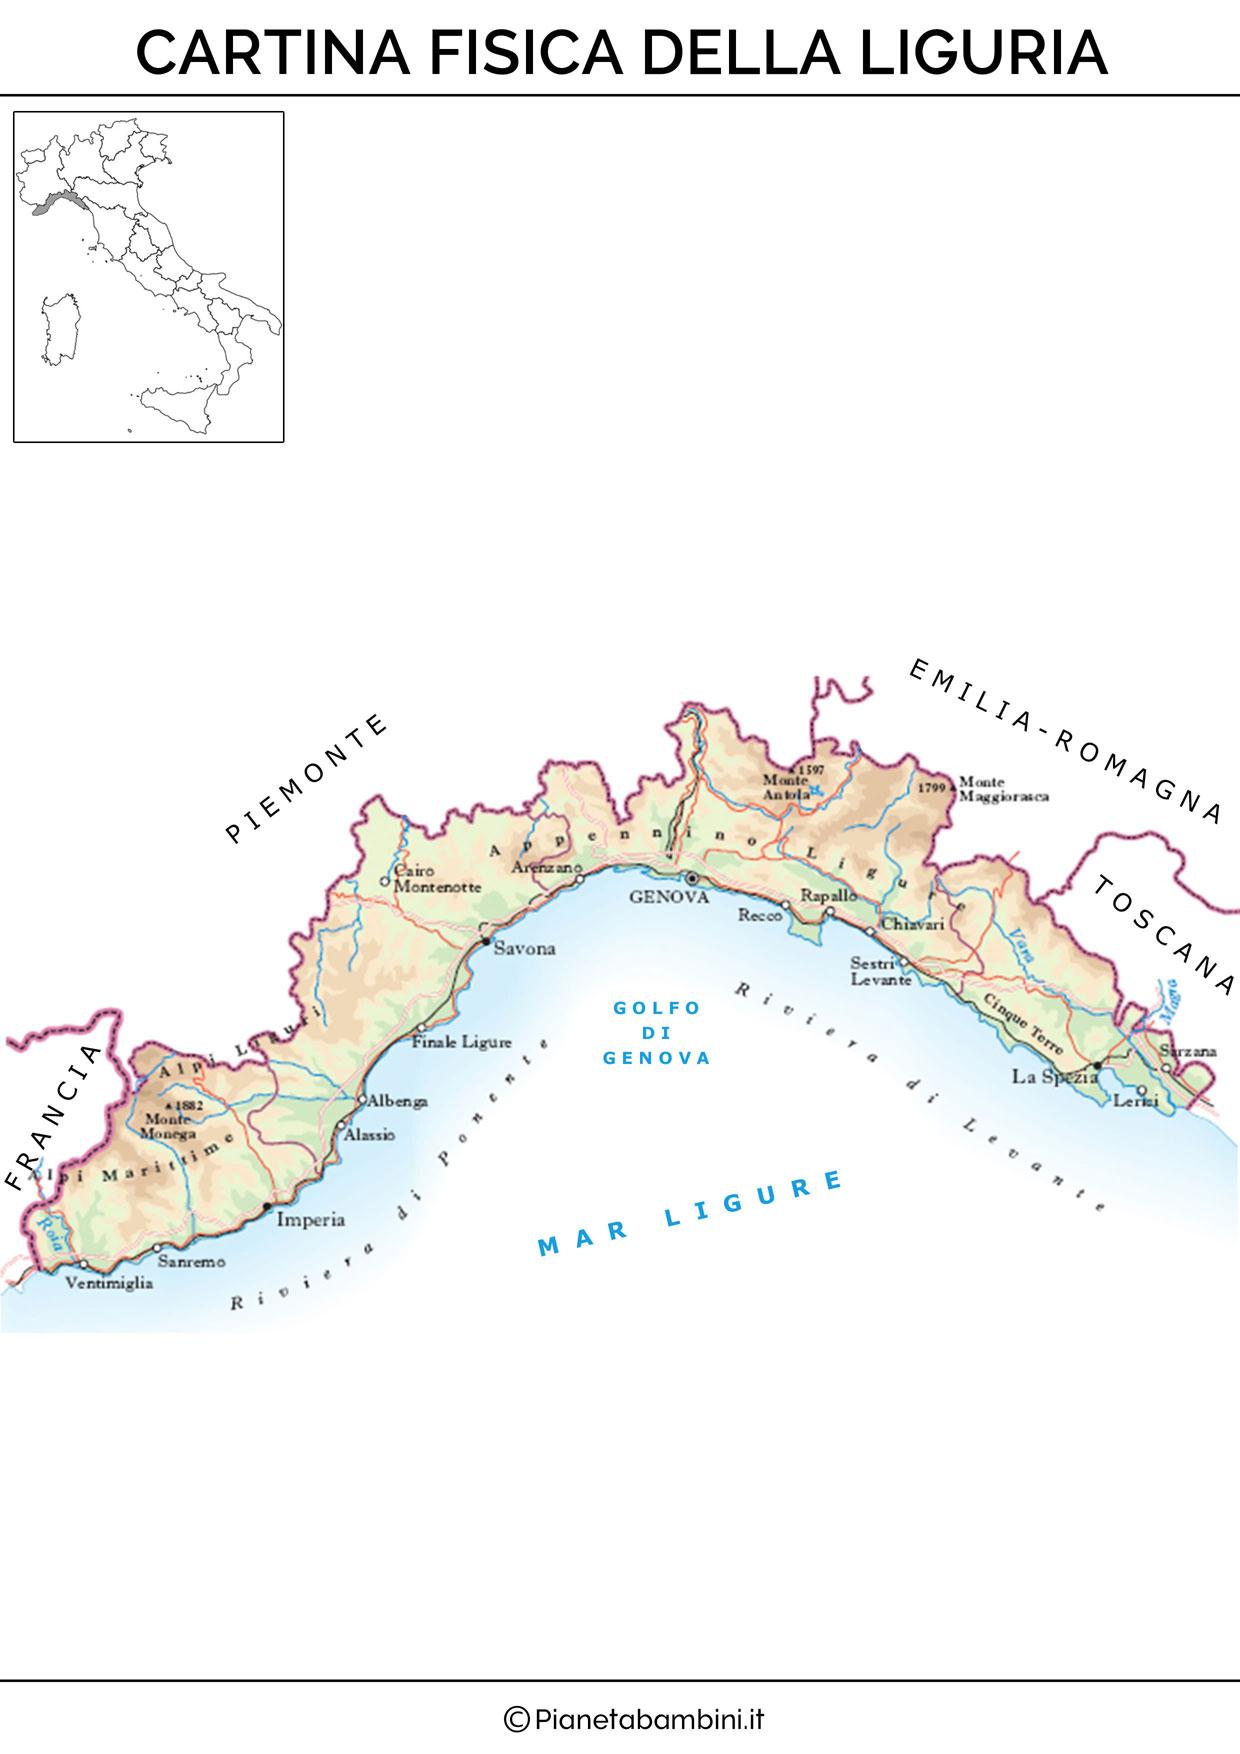 Cartina fisica della Liguria da stampare gratis